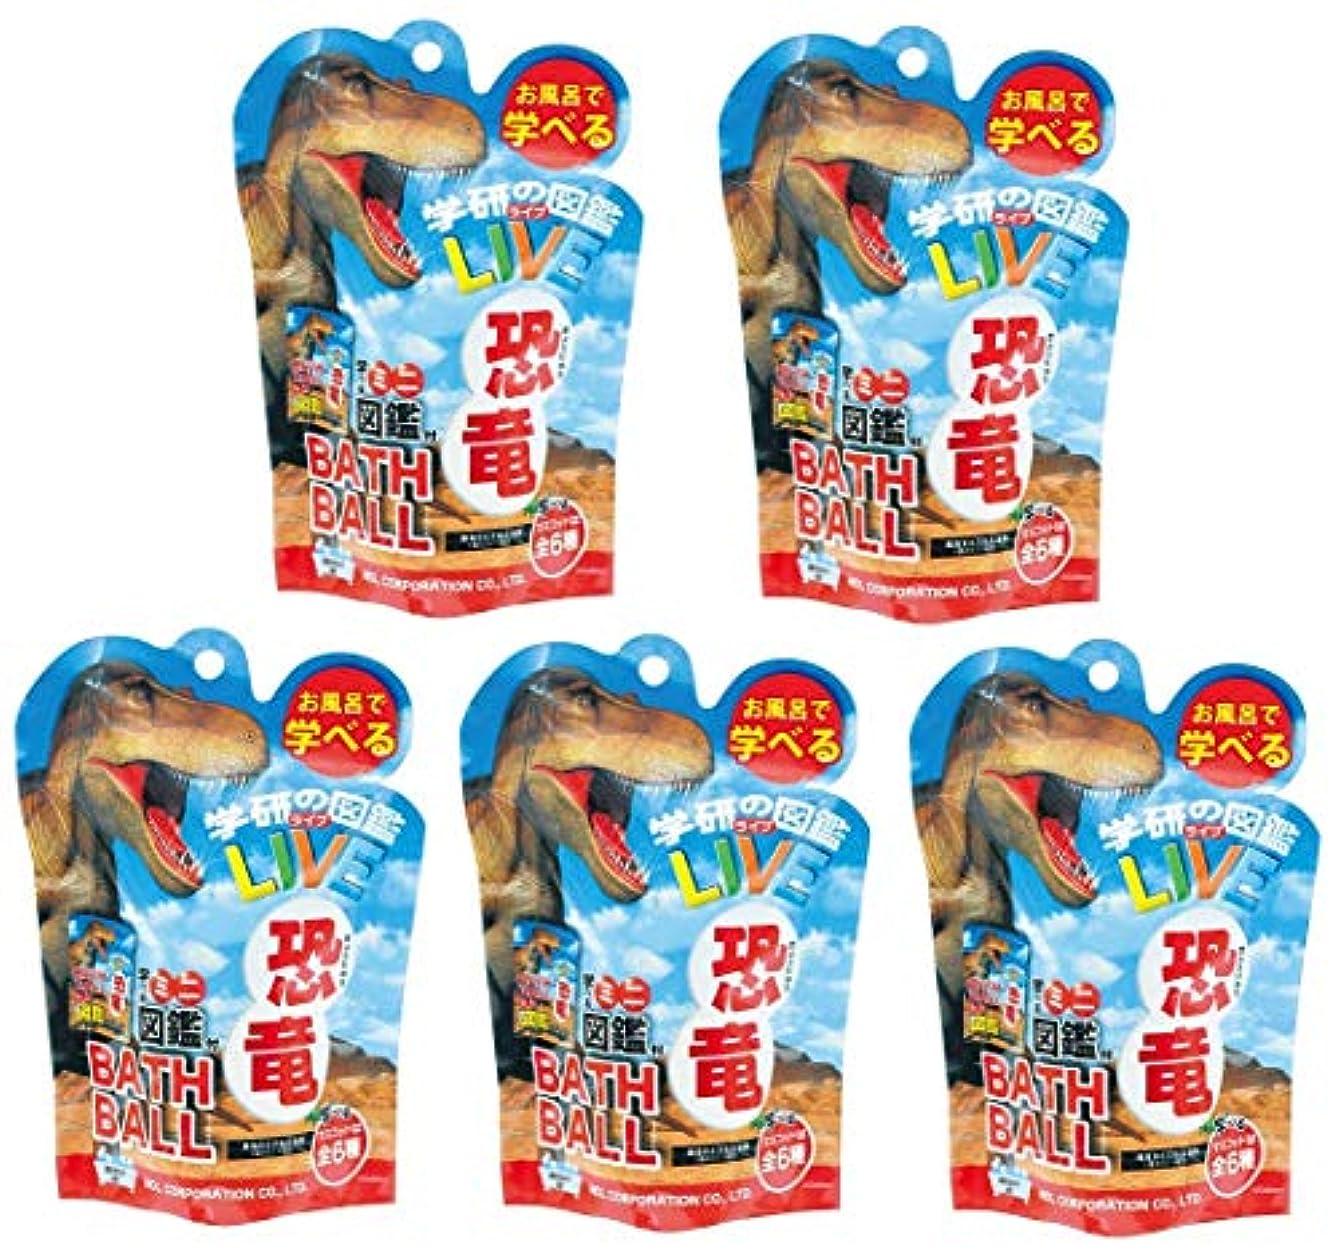 【5個セット】学研の図鑑LIVE 入浴剤 恐竜 バスボール マスコット ミニ図鑑付き オレンジの香り GKN-1-01【ランダムセット】